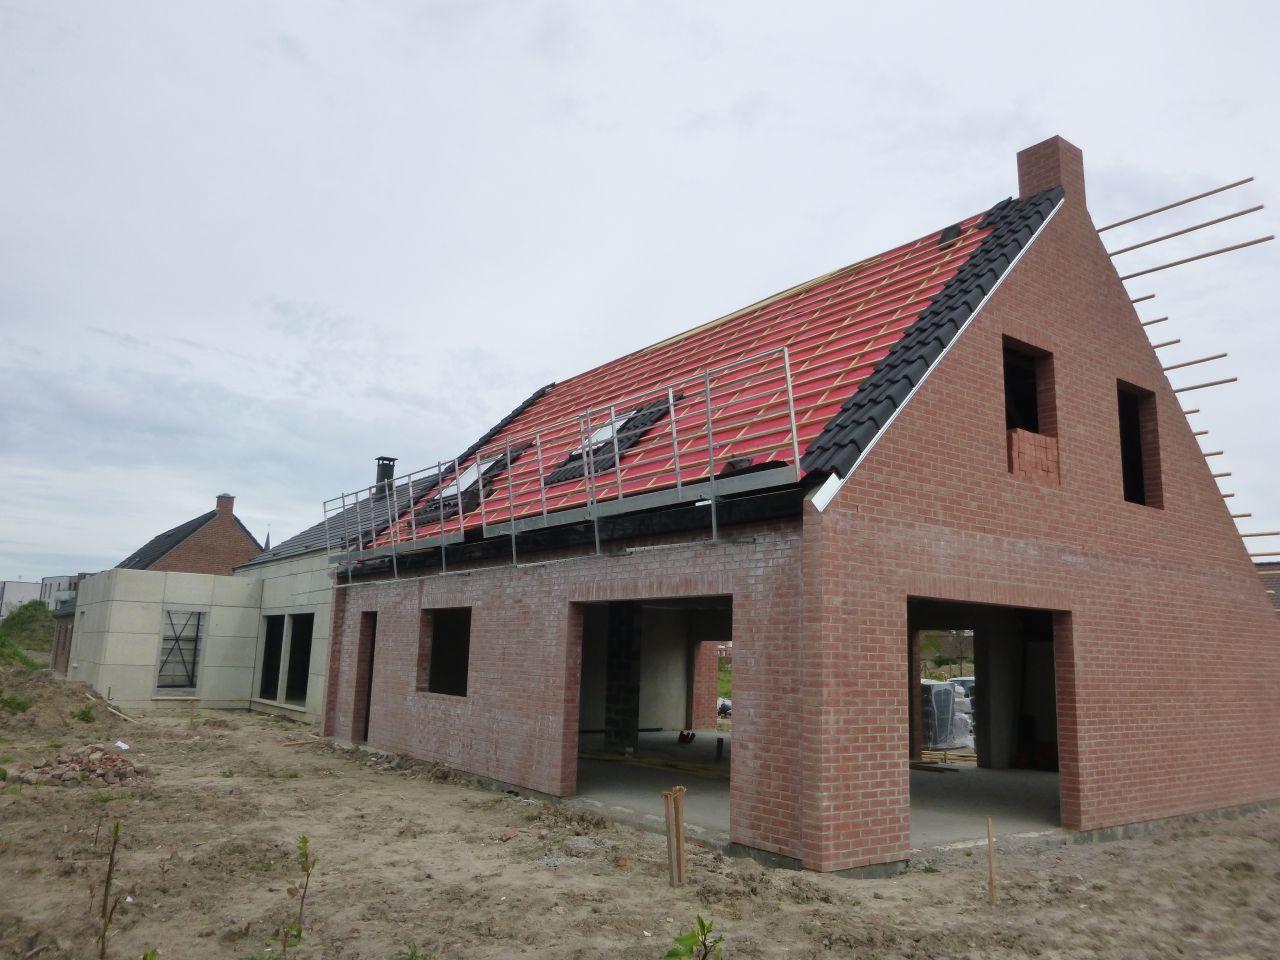 La pose des fenêtres de toit est faite, et celle des tuiles est en cours